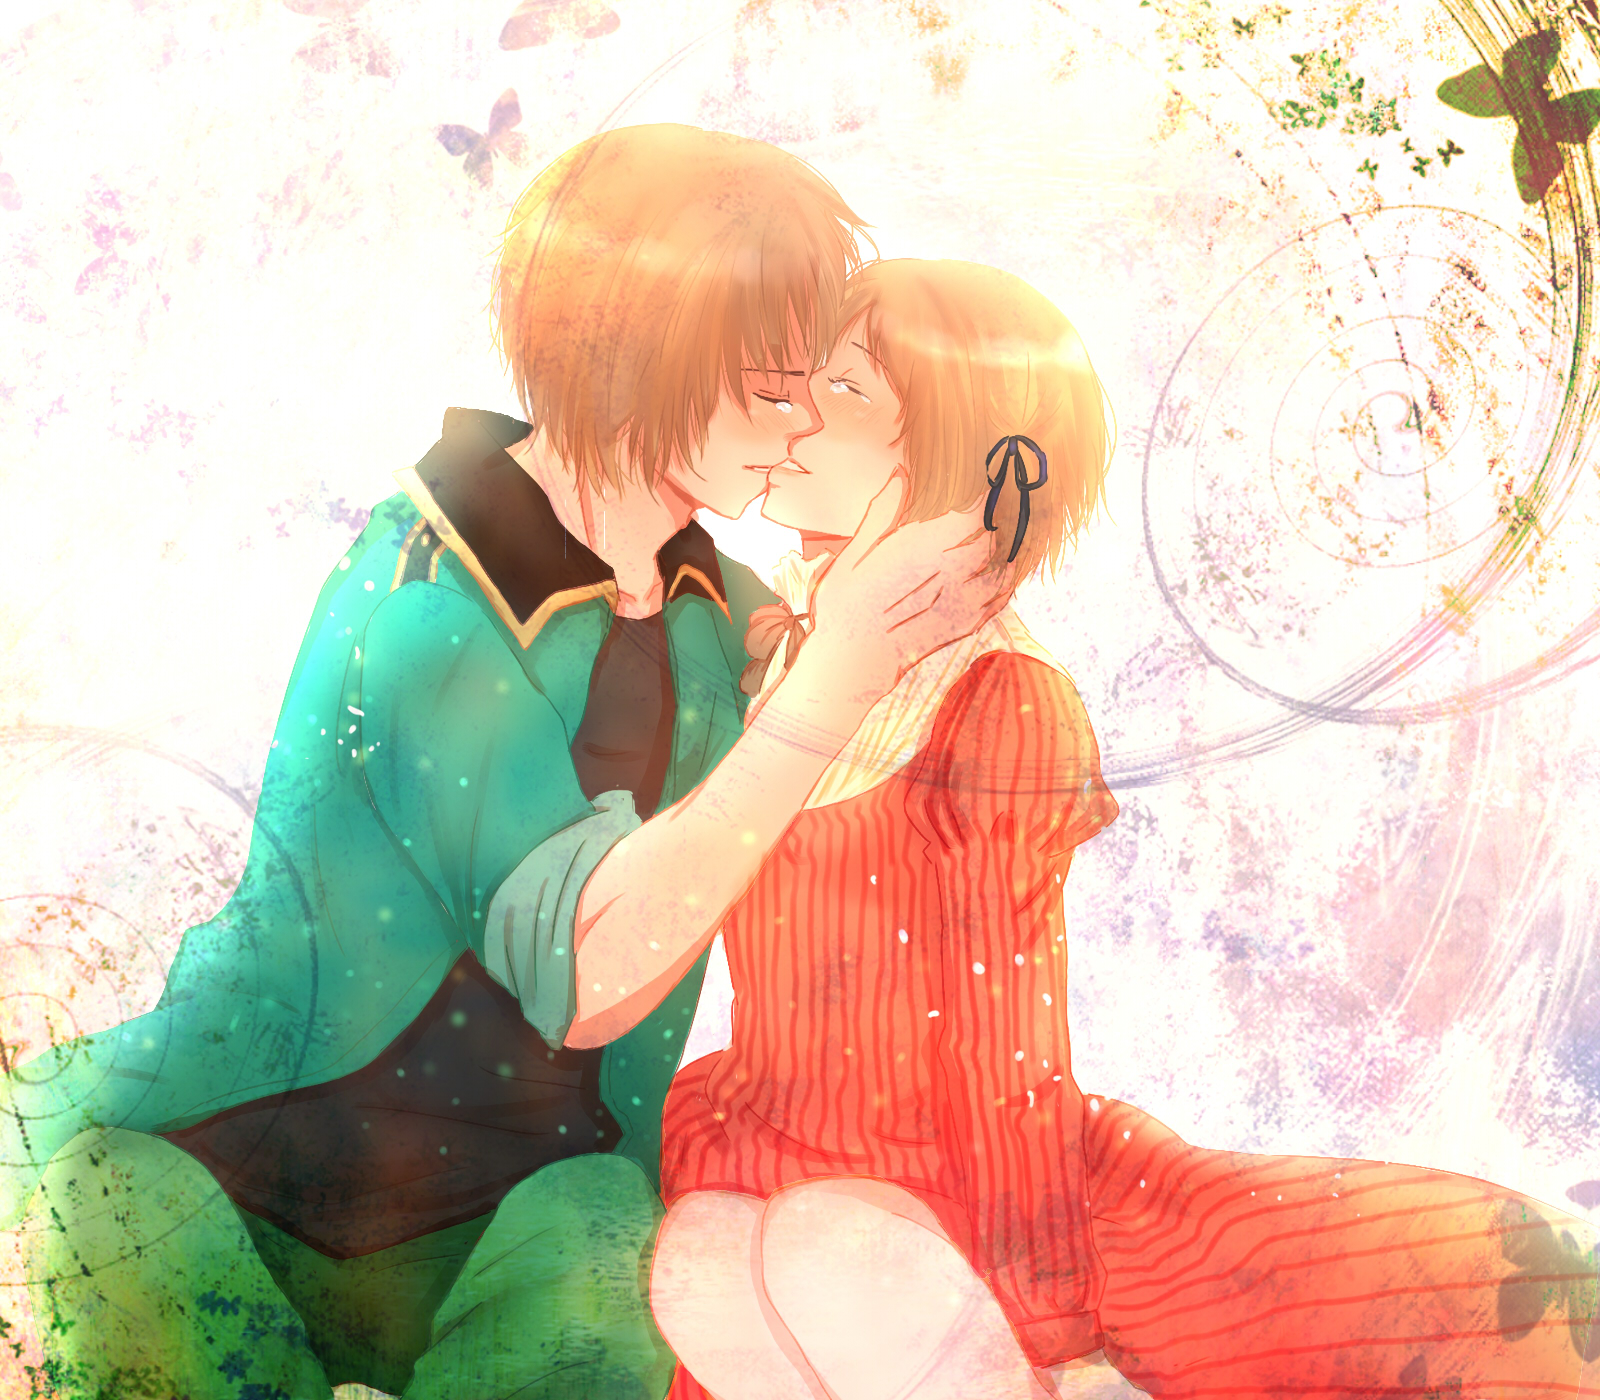 к чему снится что я целуюсь с знакомым парнем